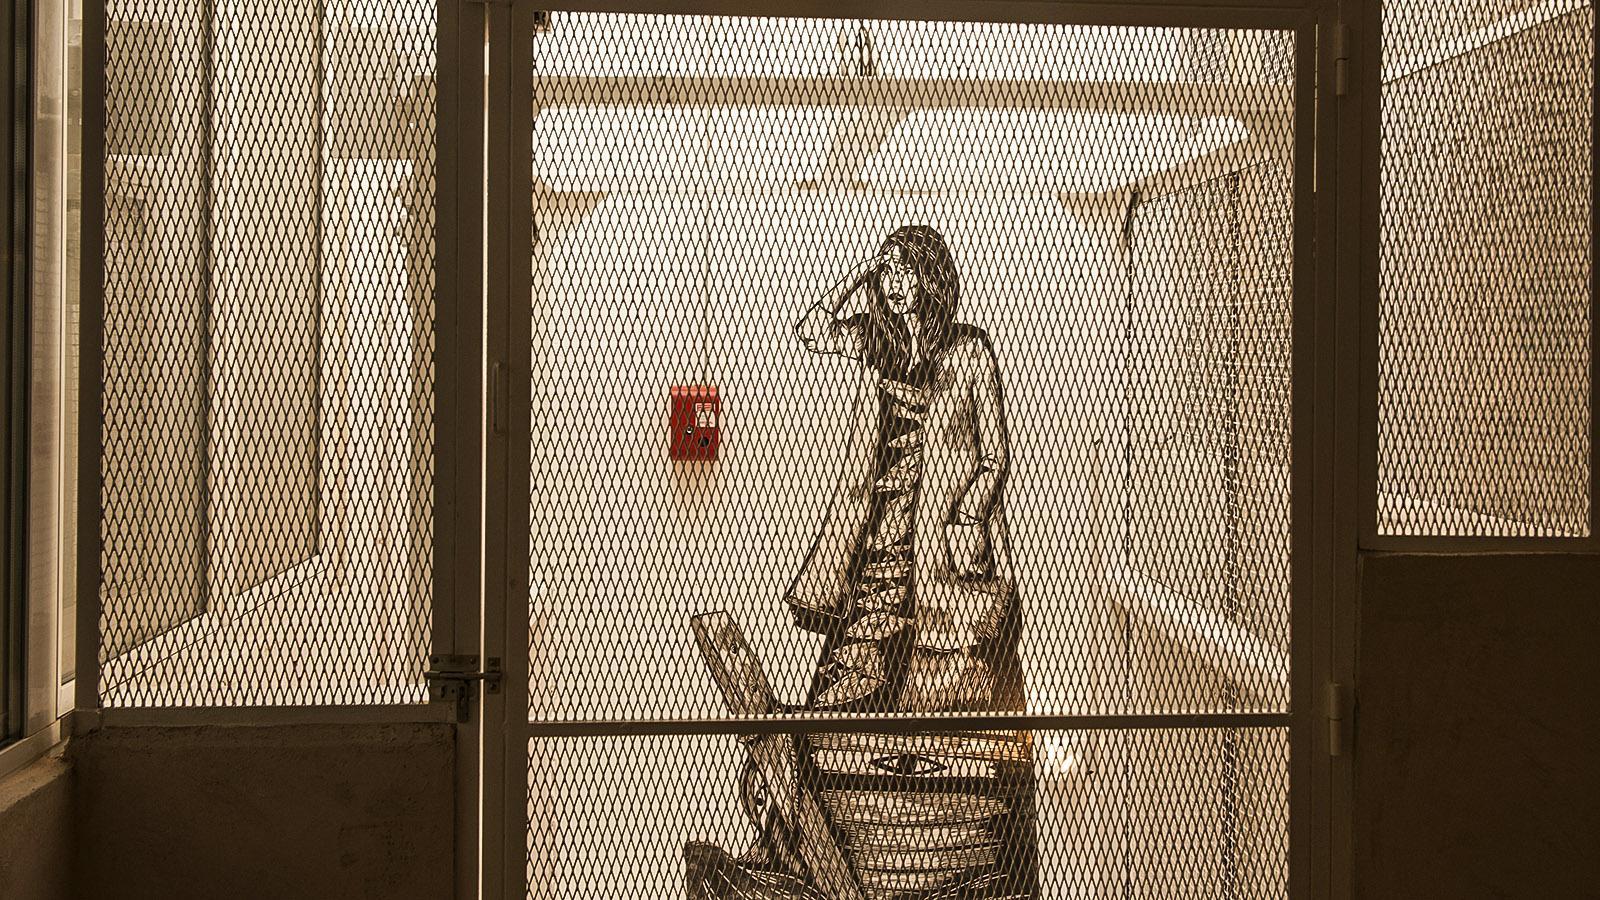 Cannes, Suquet des Artistes: Frau im Aufzug nach Einkauf: ein Stencil von Olivia Paroldi. Foto: Hilke Maunder